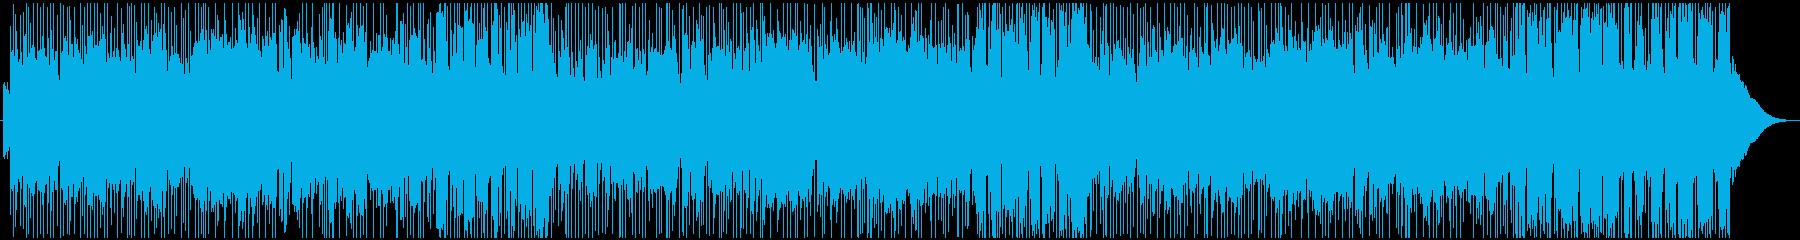 朝のジョギングをイメージしたサックス曲の再生済みの波形